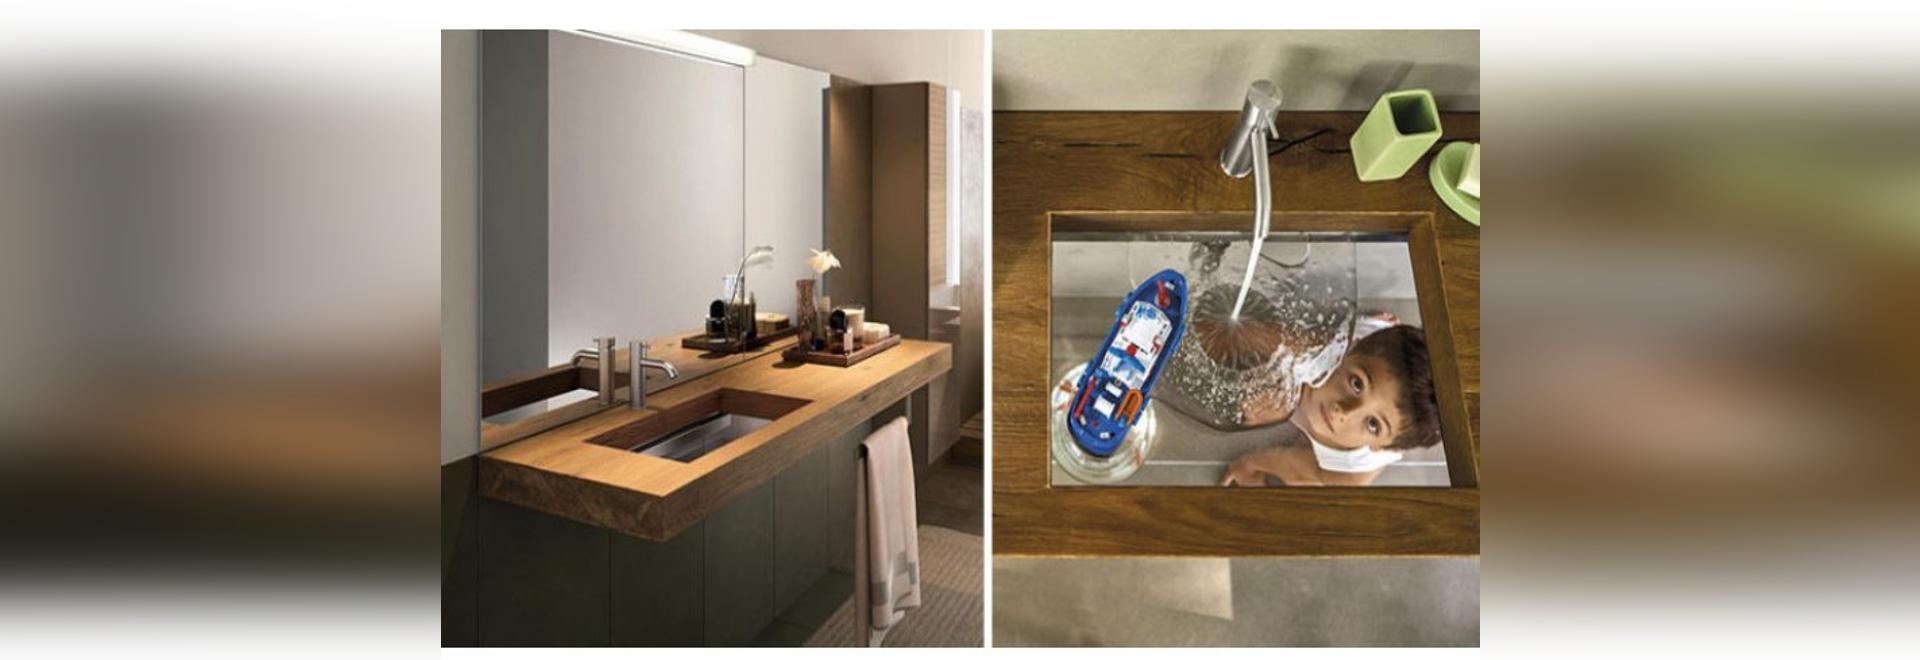 Cet évier de salle de bains a été conçu avec un fond en verre transparent